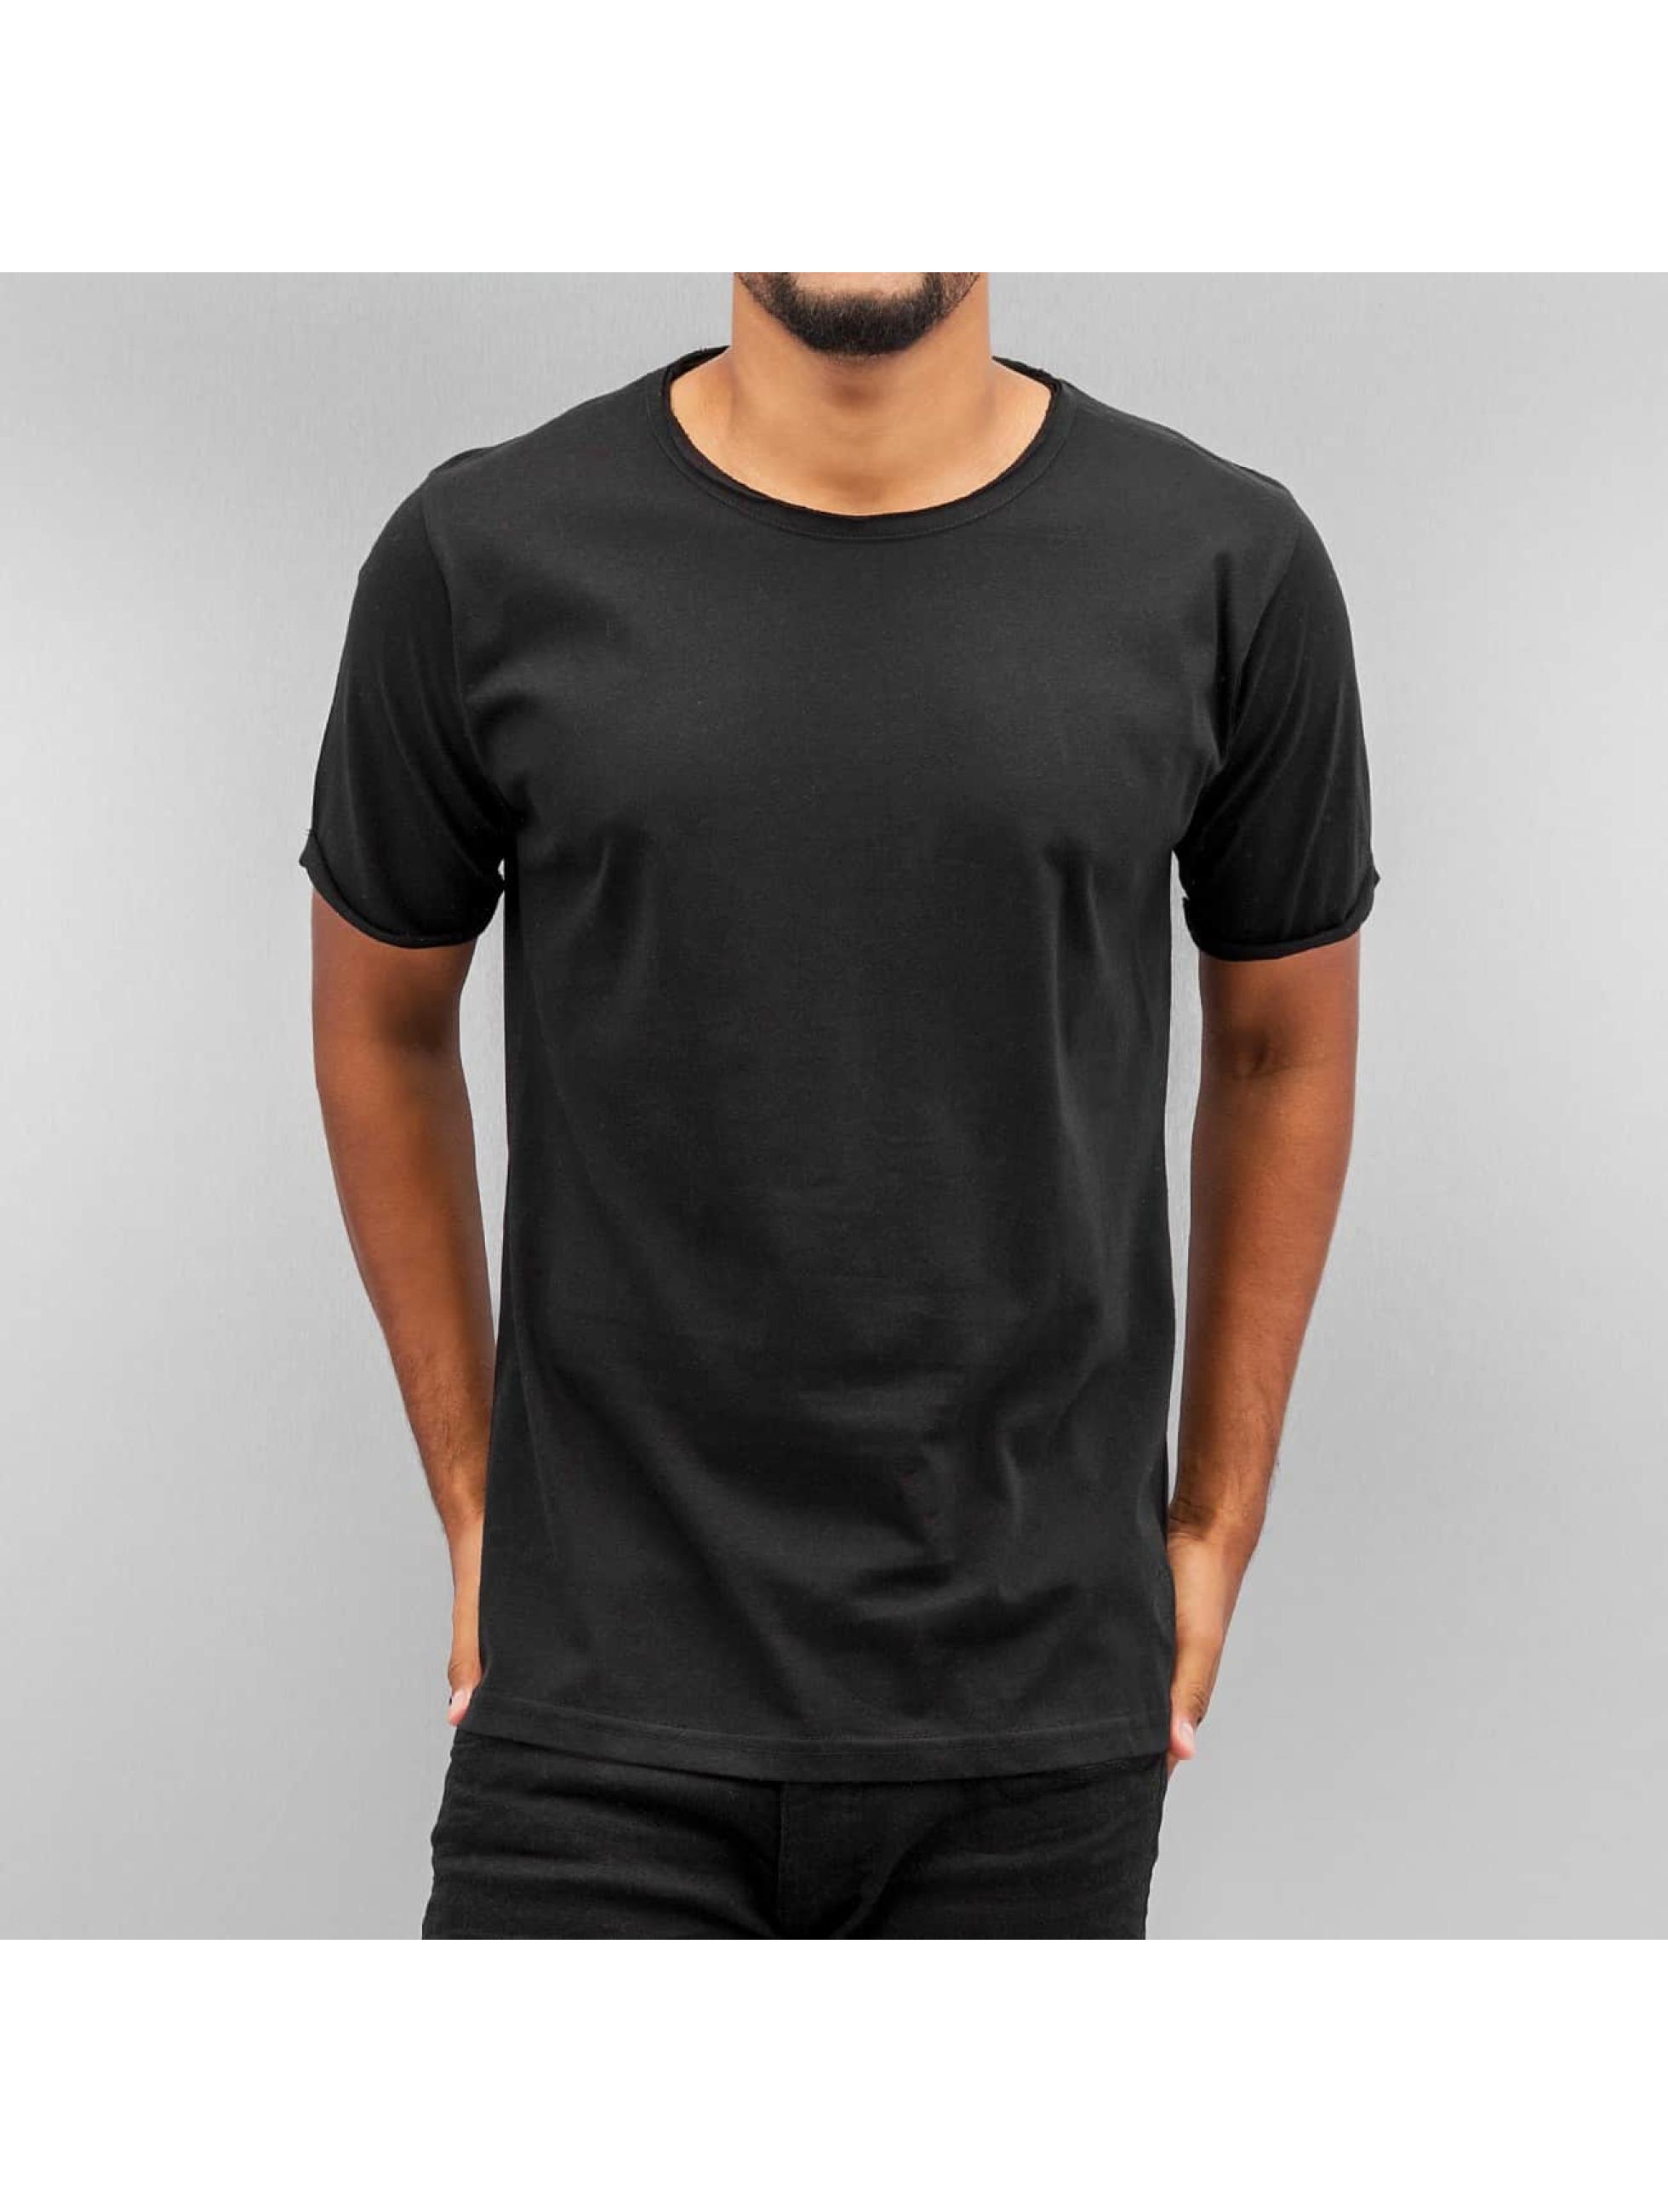 Yezz Männer T-Shirt Blank in schwarz